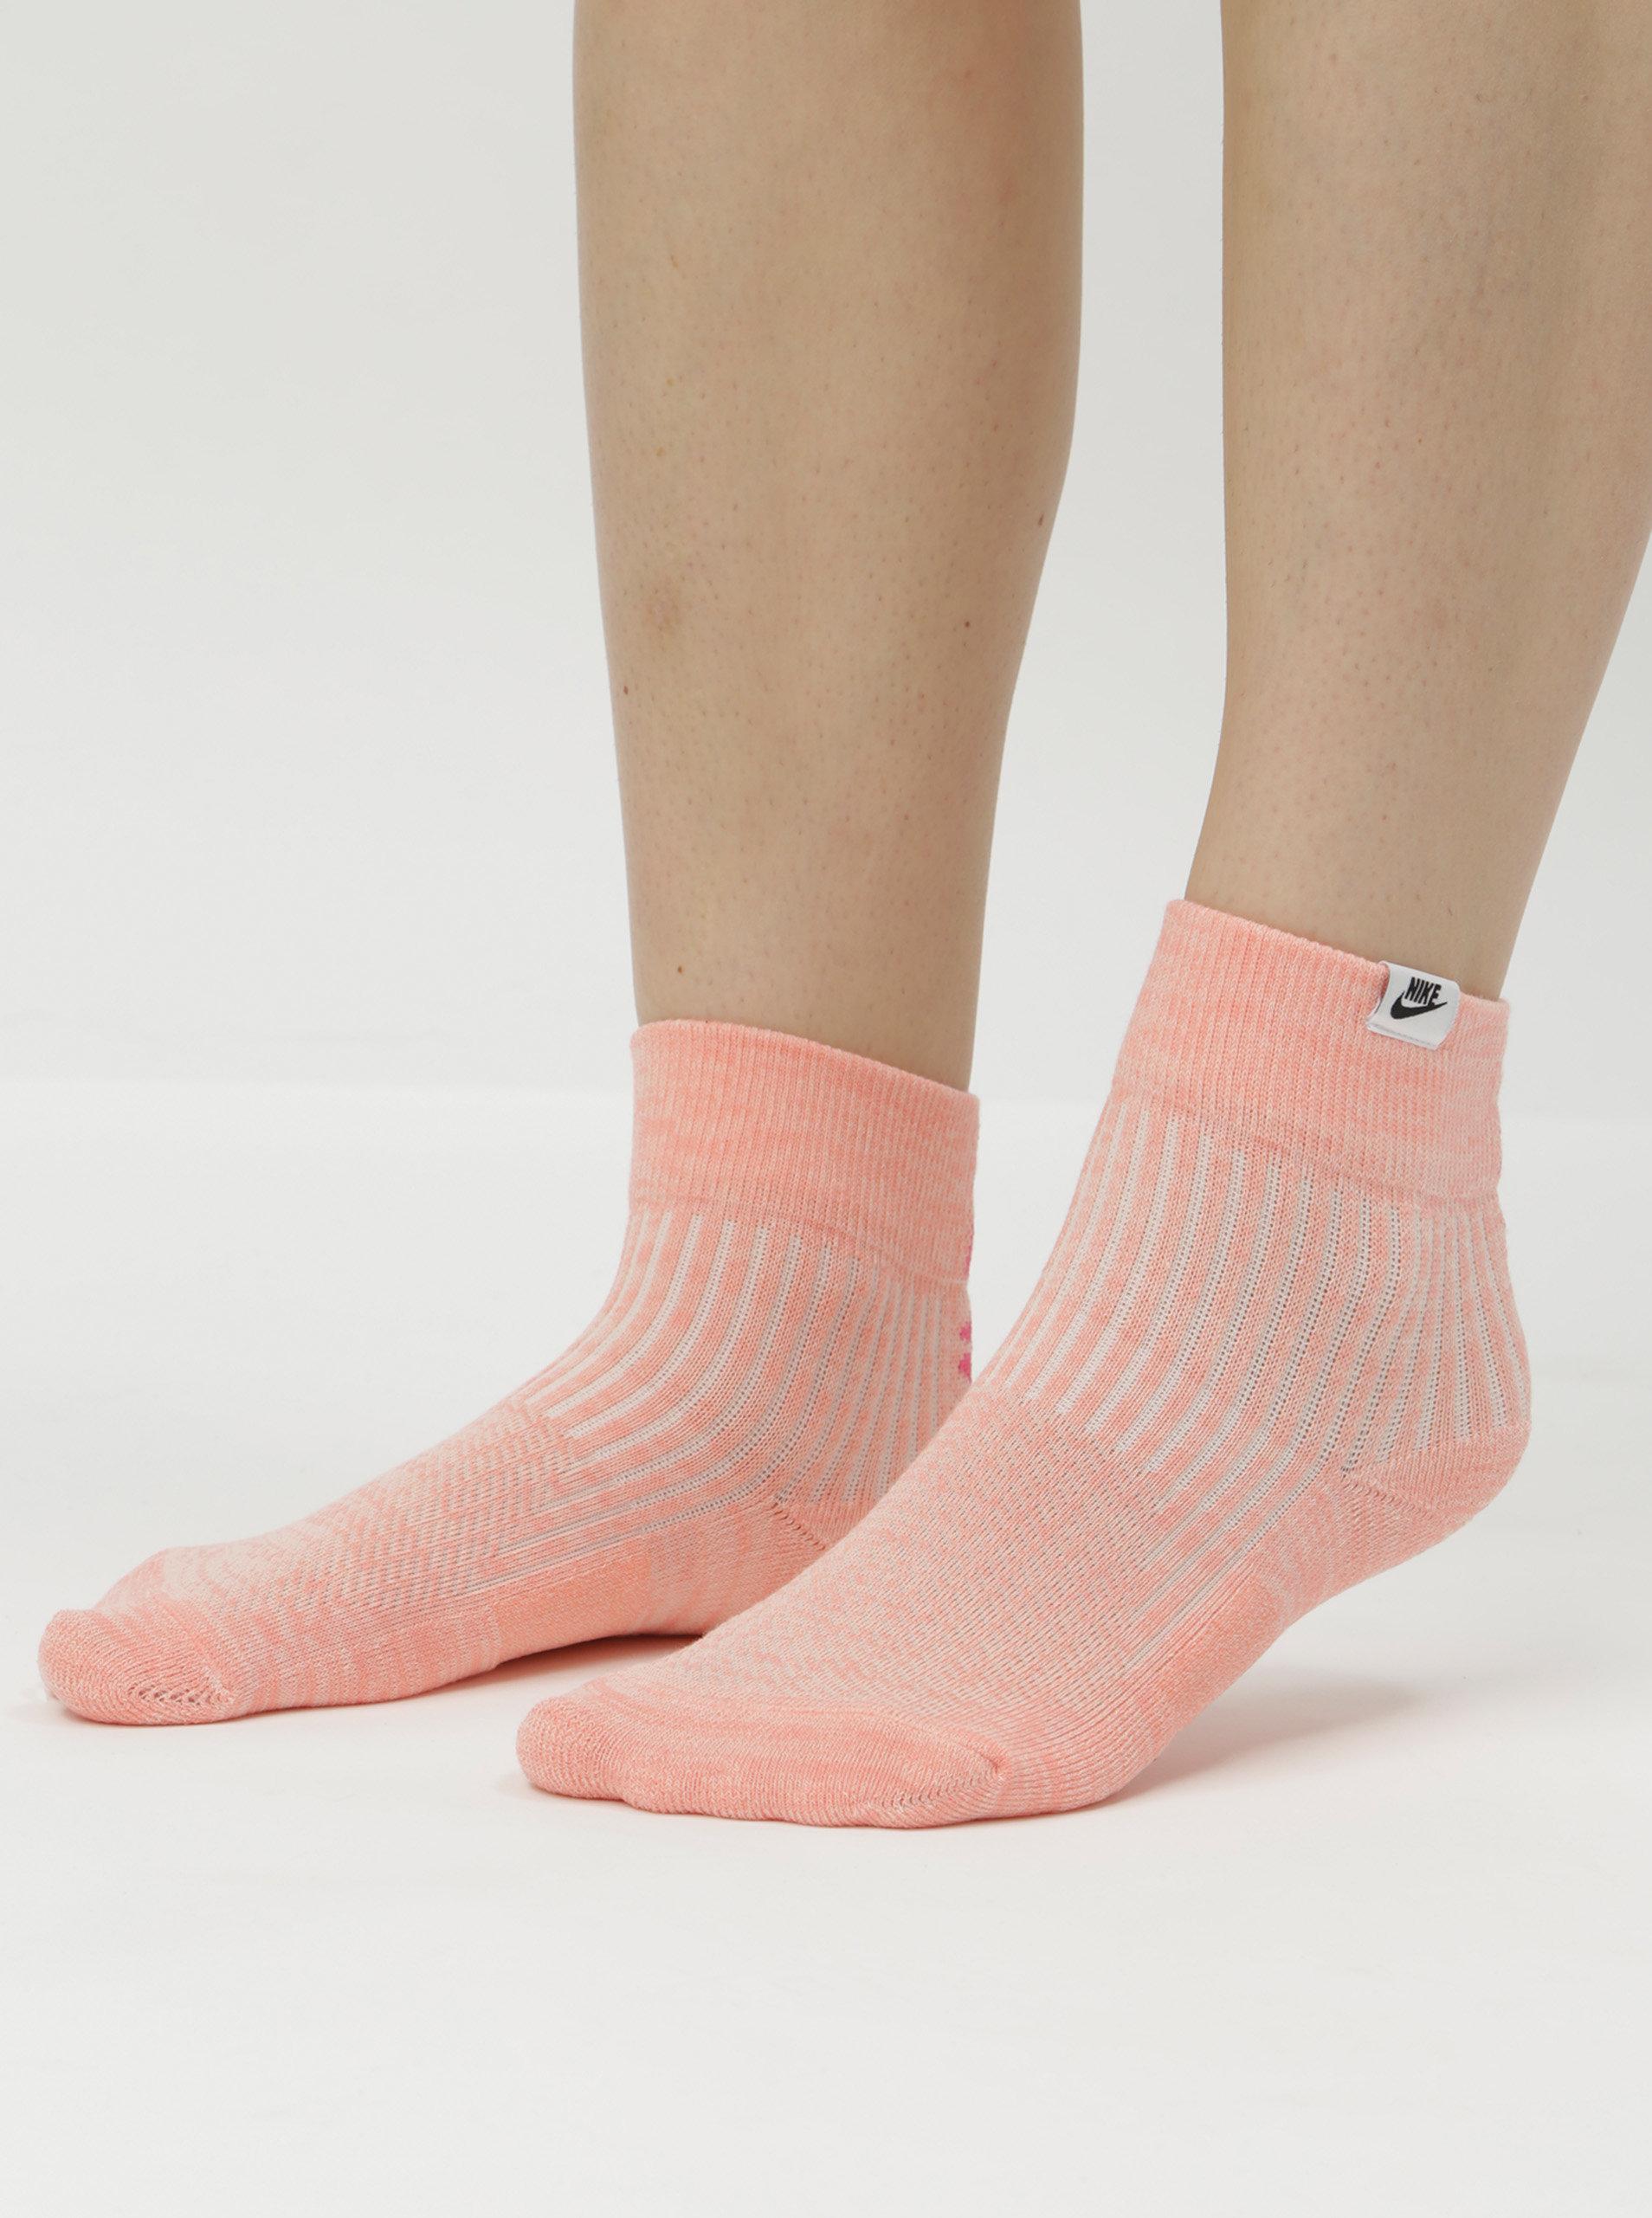 Sada dvou párů dámských kotníkových ponožek v bílé a růžové barvě Nike ... 878d06f31c